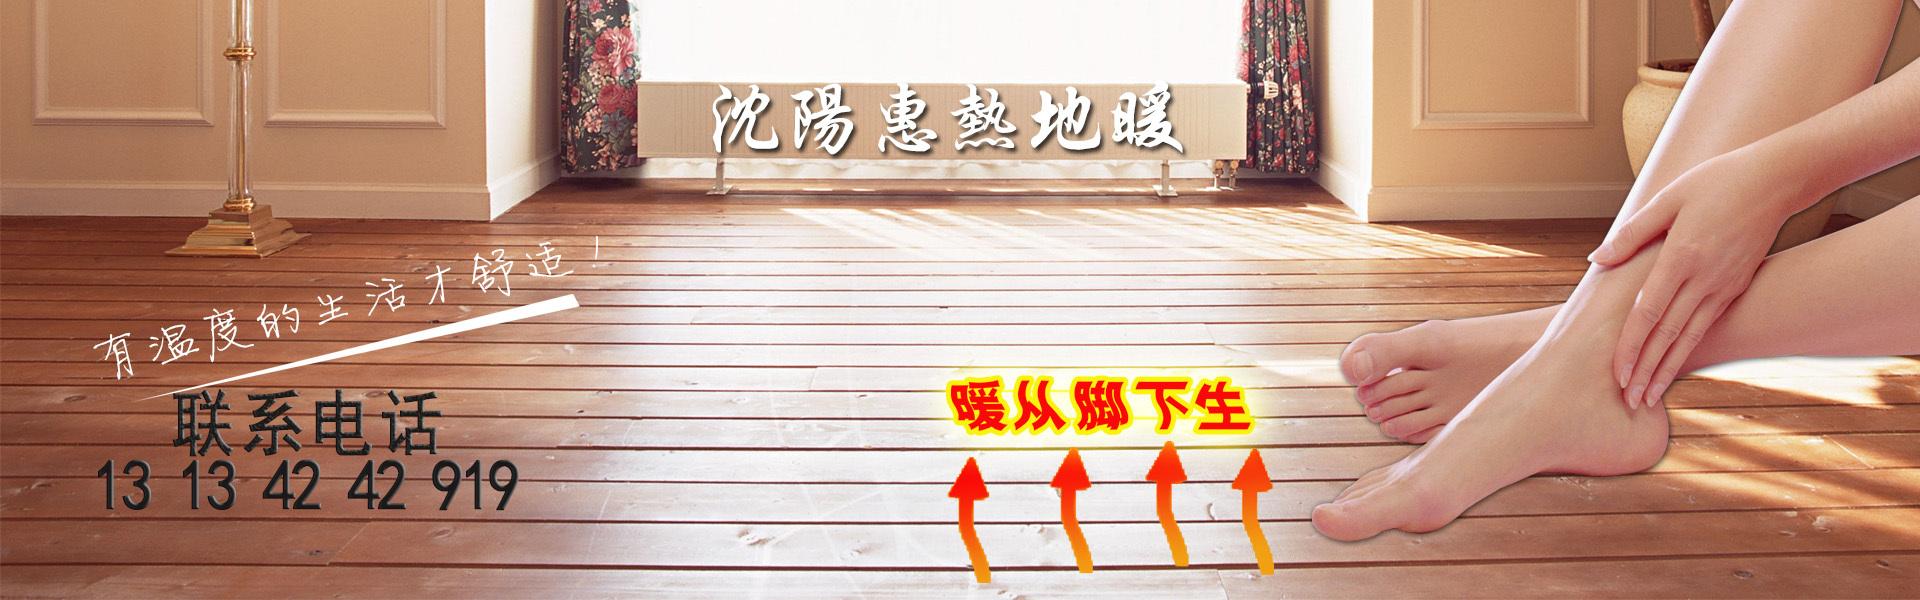 沈阳碳纤维电地热 沈阳碳纤维电地暖 沈阳电地热 沈阳电地暖 沈阳地暖工程安装